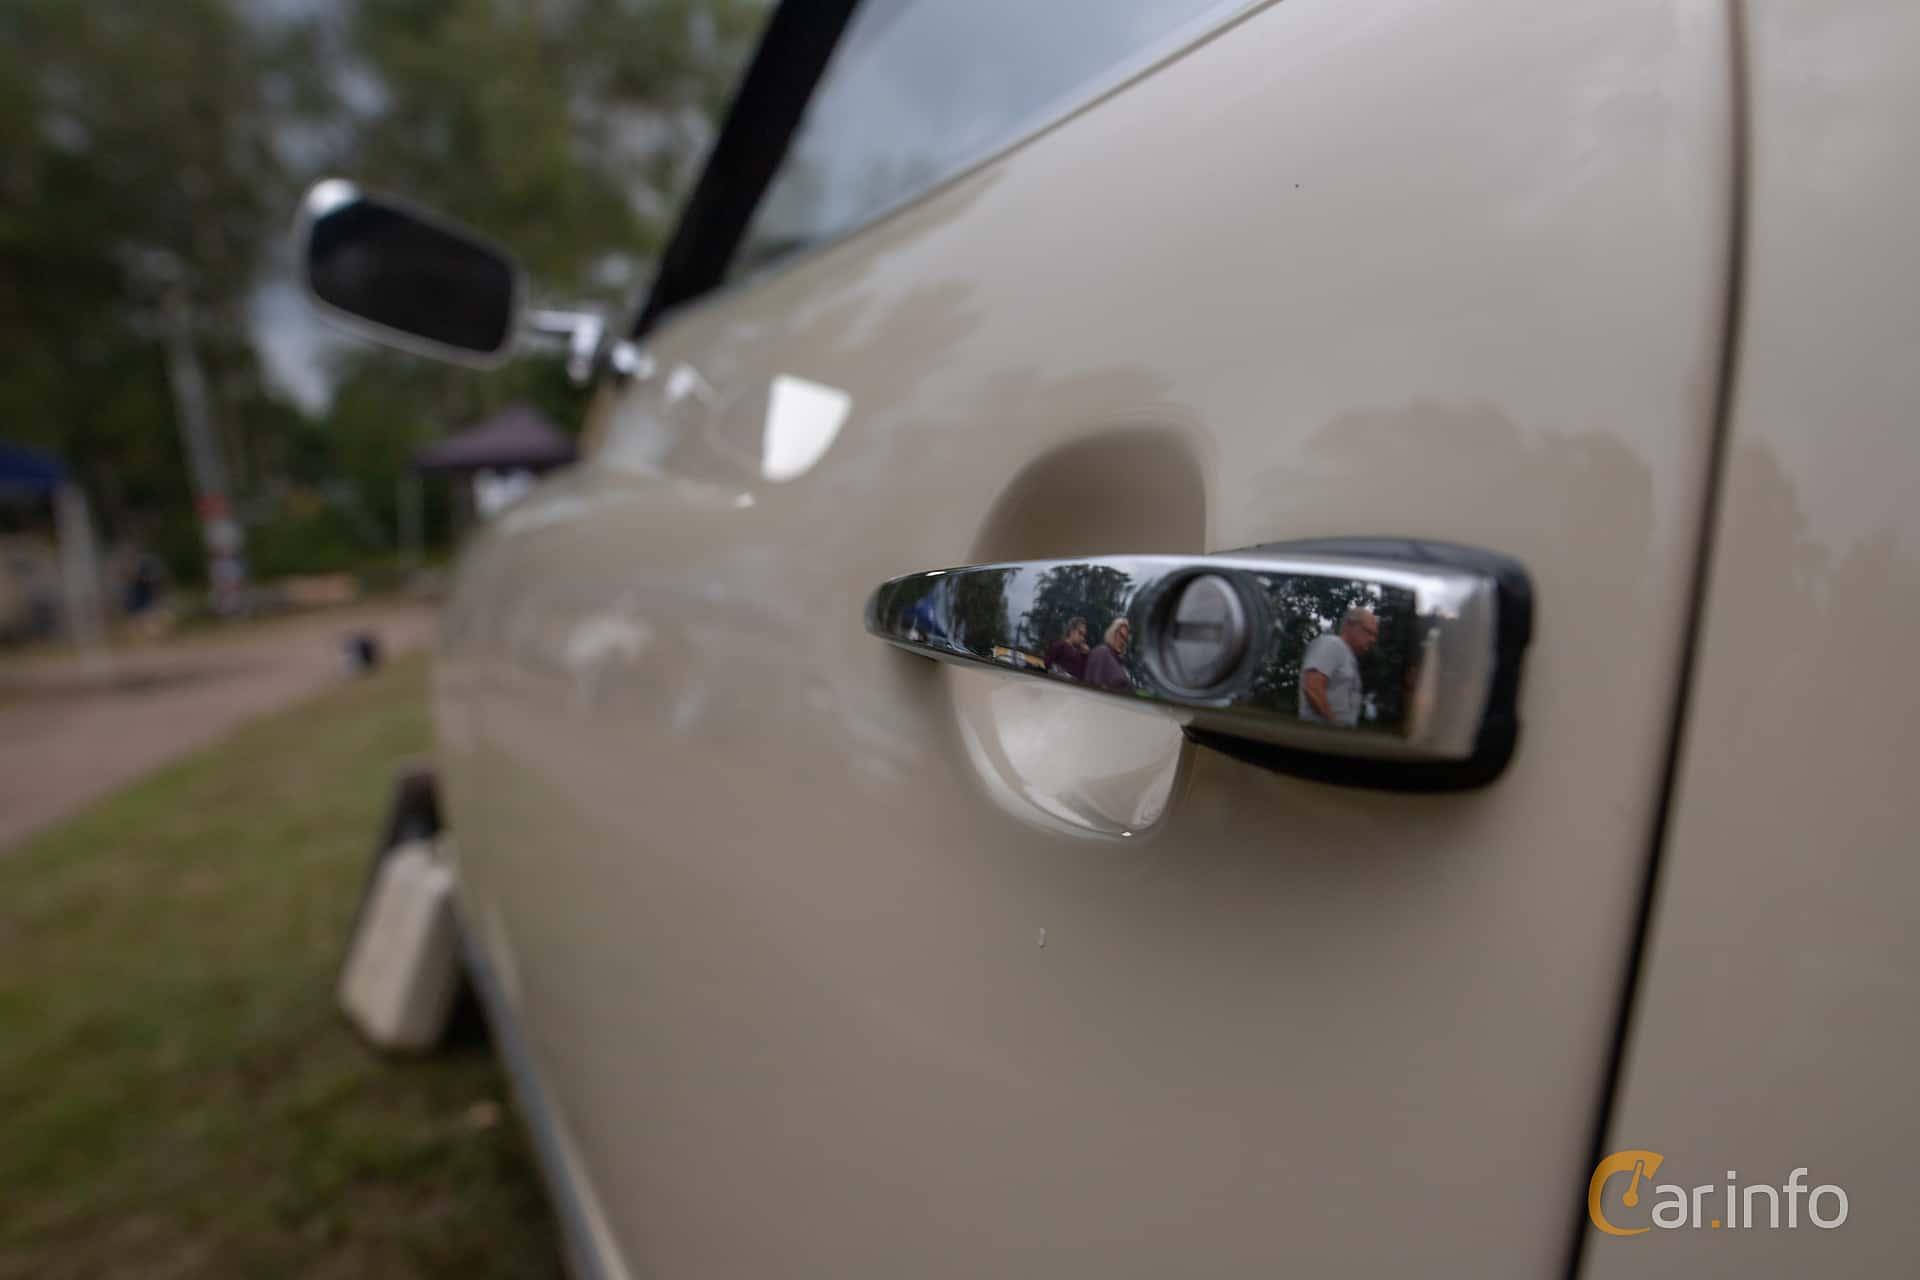 Volkswagen Karmann-Ghia 1600 1.6 Manual, 50hp, 1972 at West Coast Bug Meet 2019